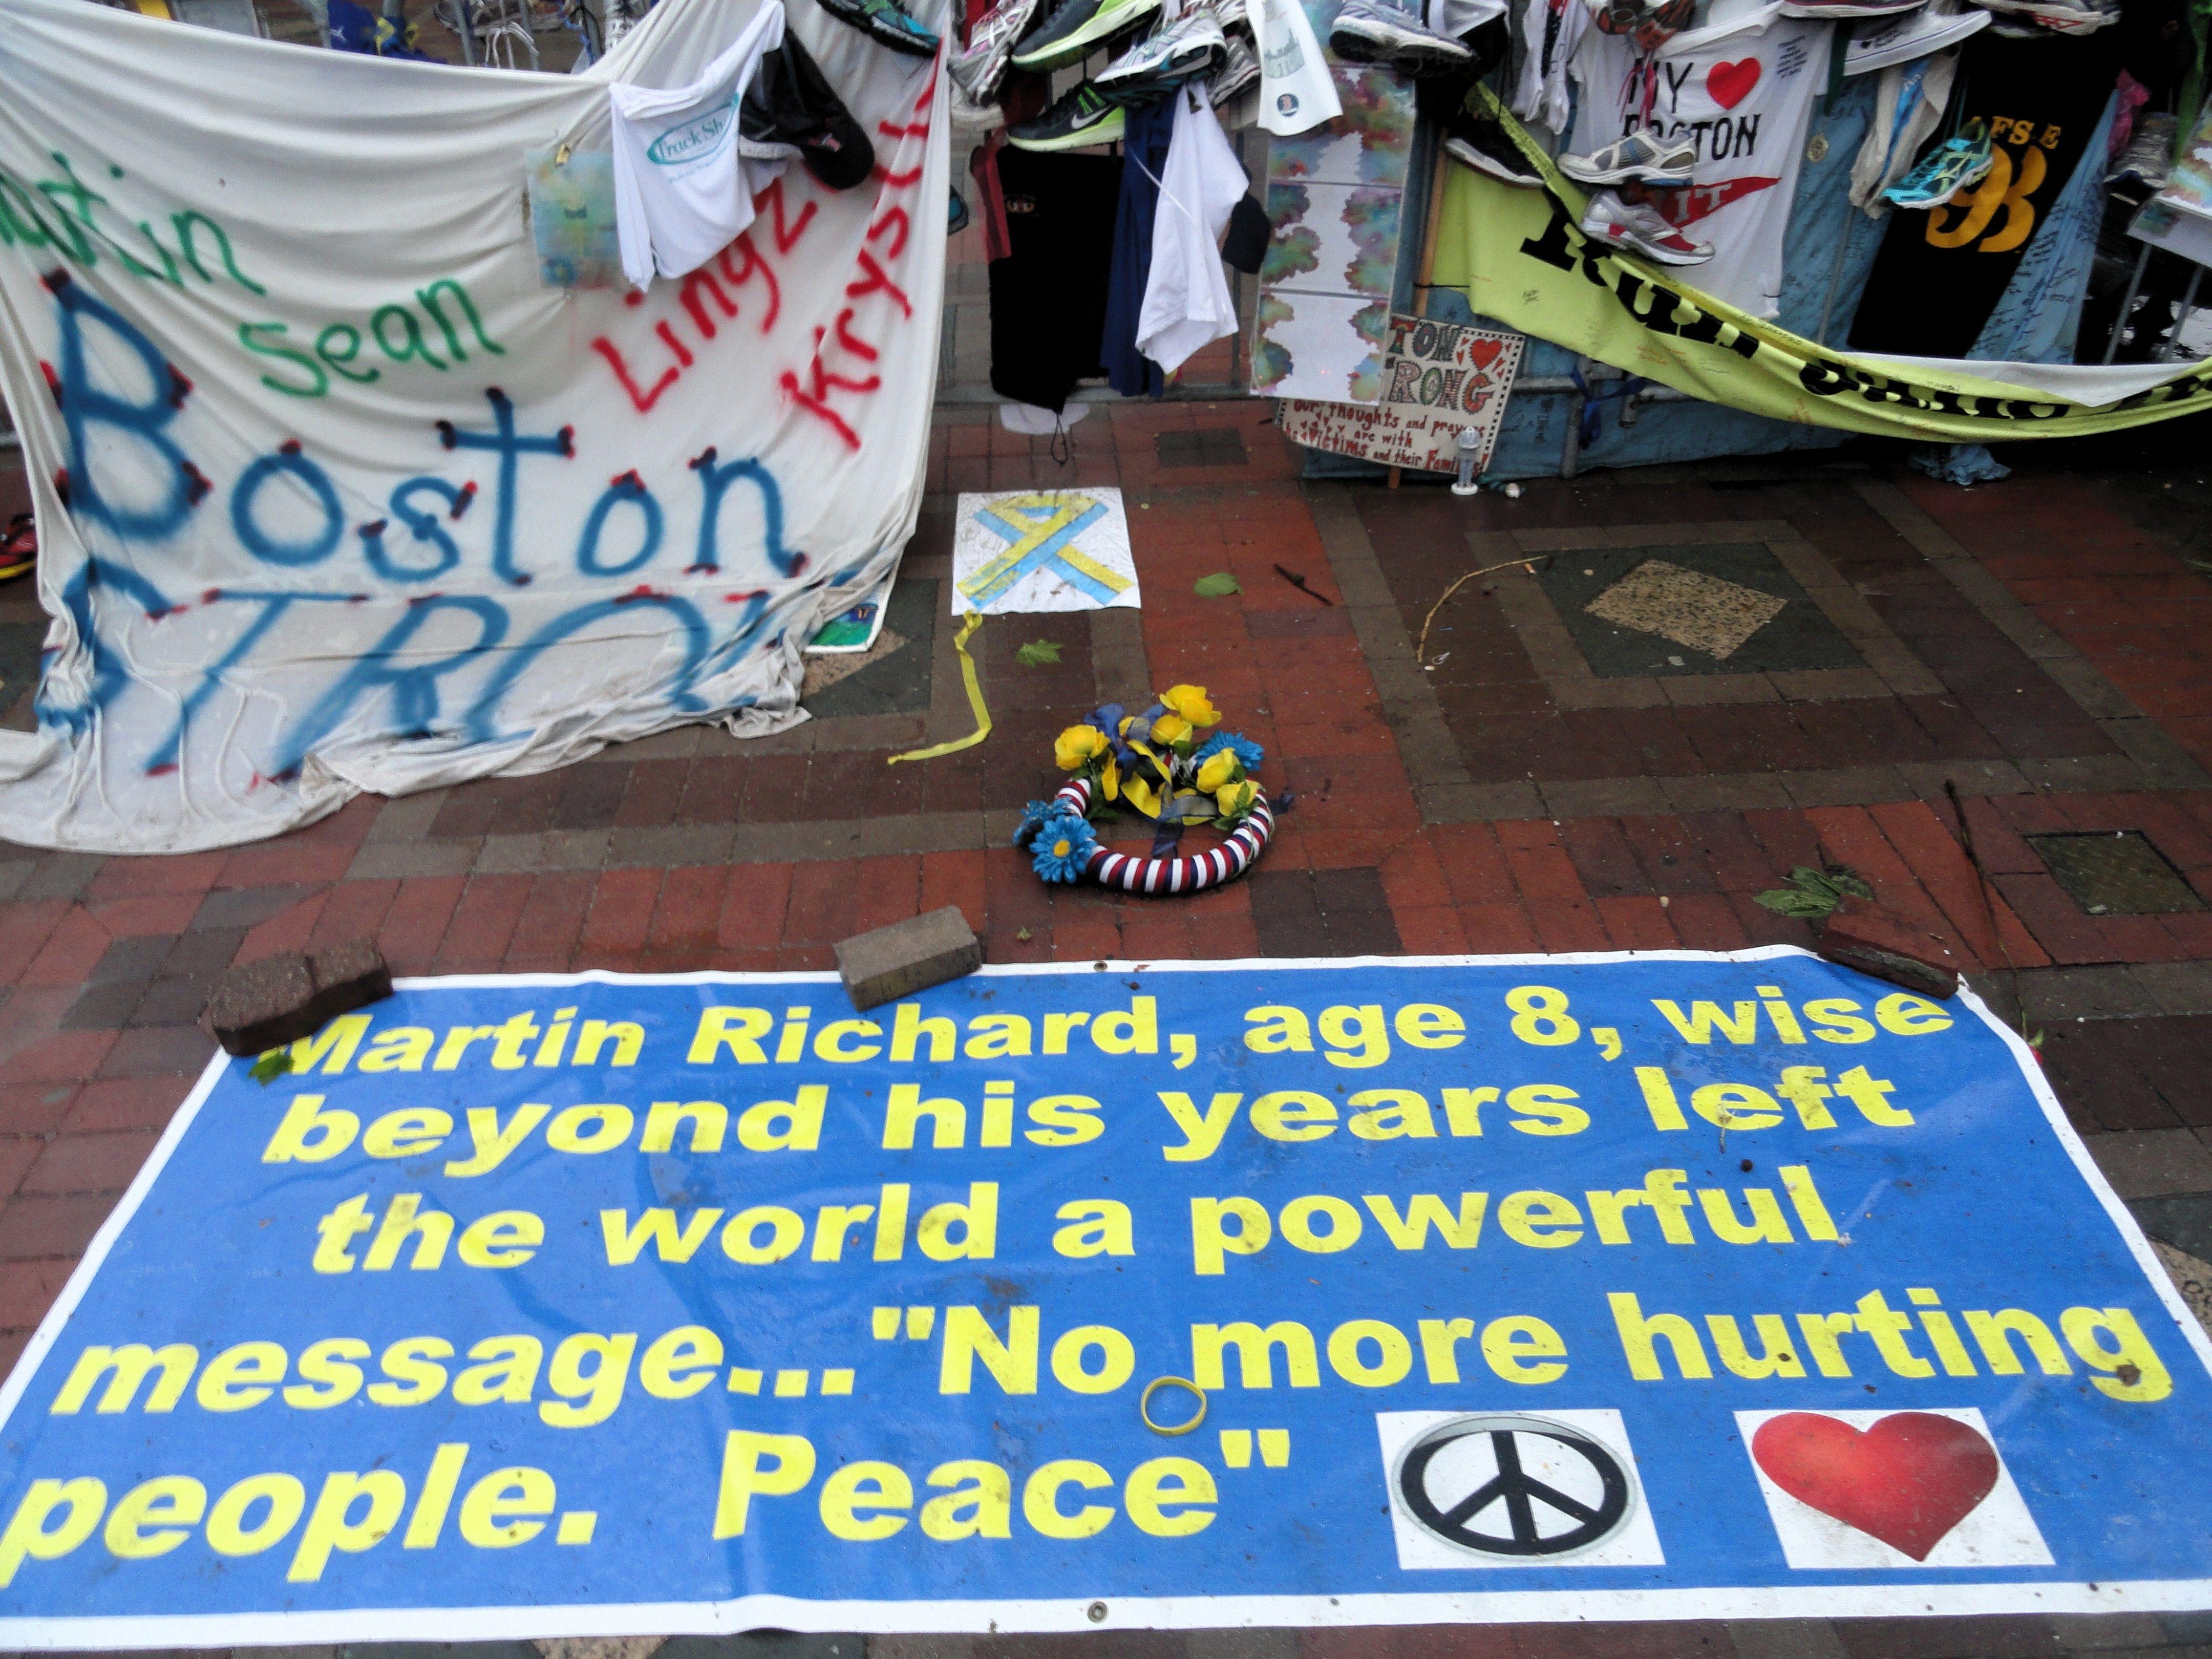 Mémorial spontané pour les attentats de Boston